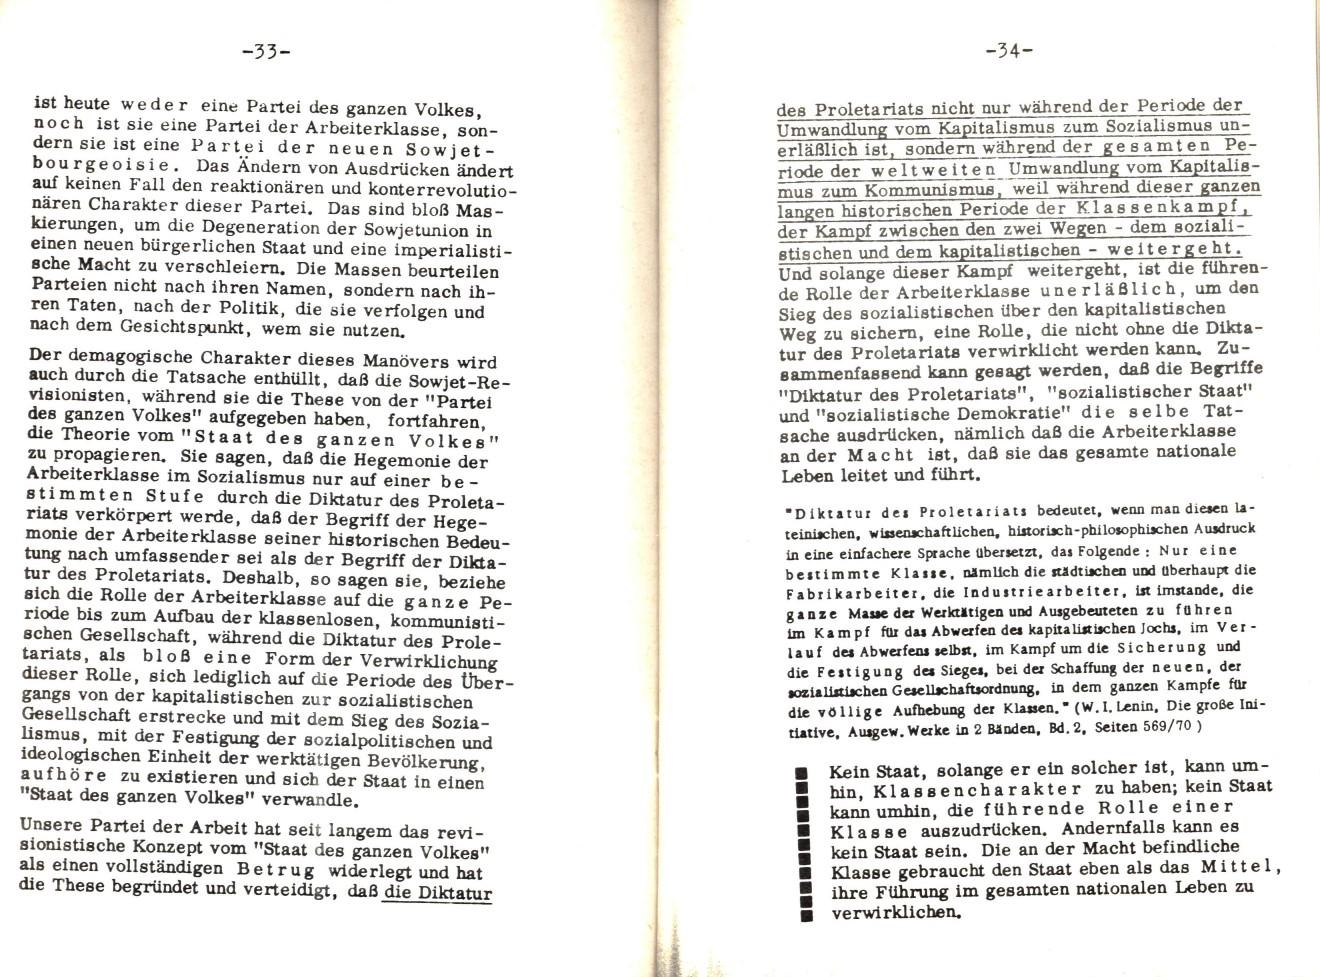 MLSK_Theorie_und_Praxis_des_ML_1978_23_20